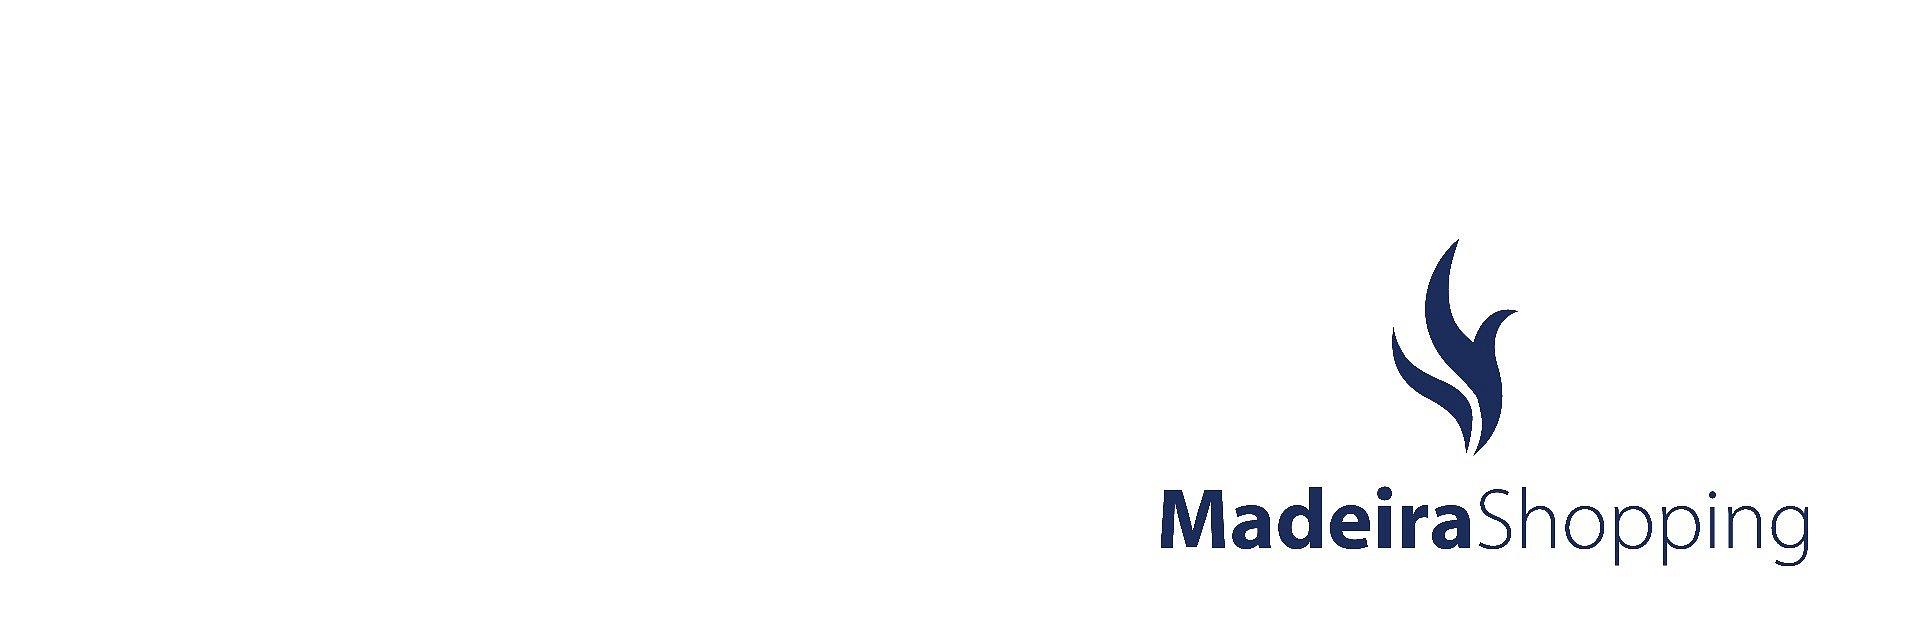 MadeiraShopping celebra Dia da Região